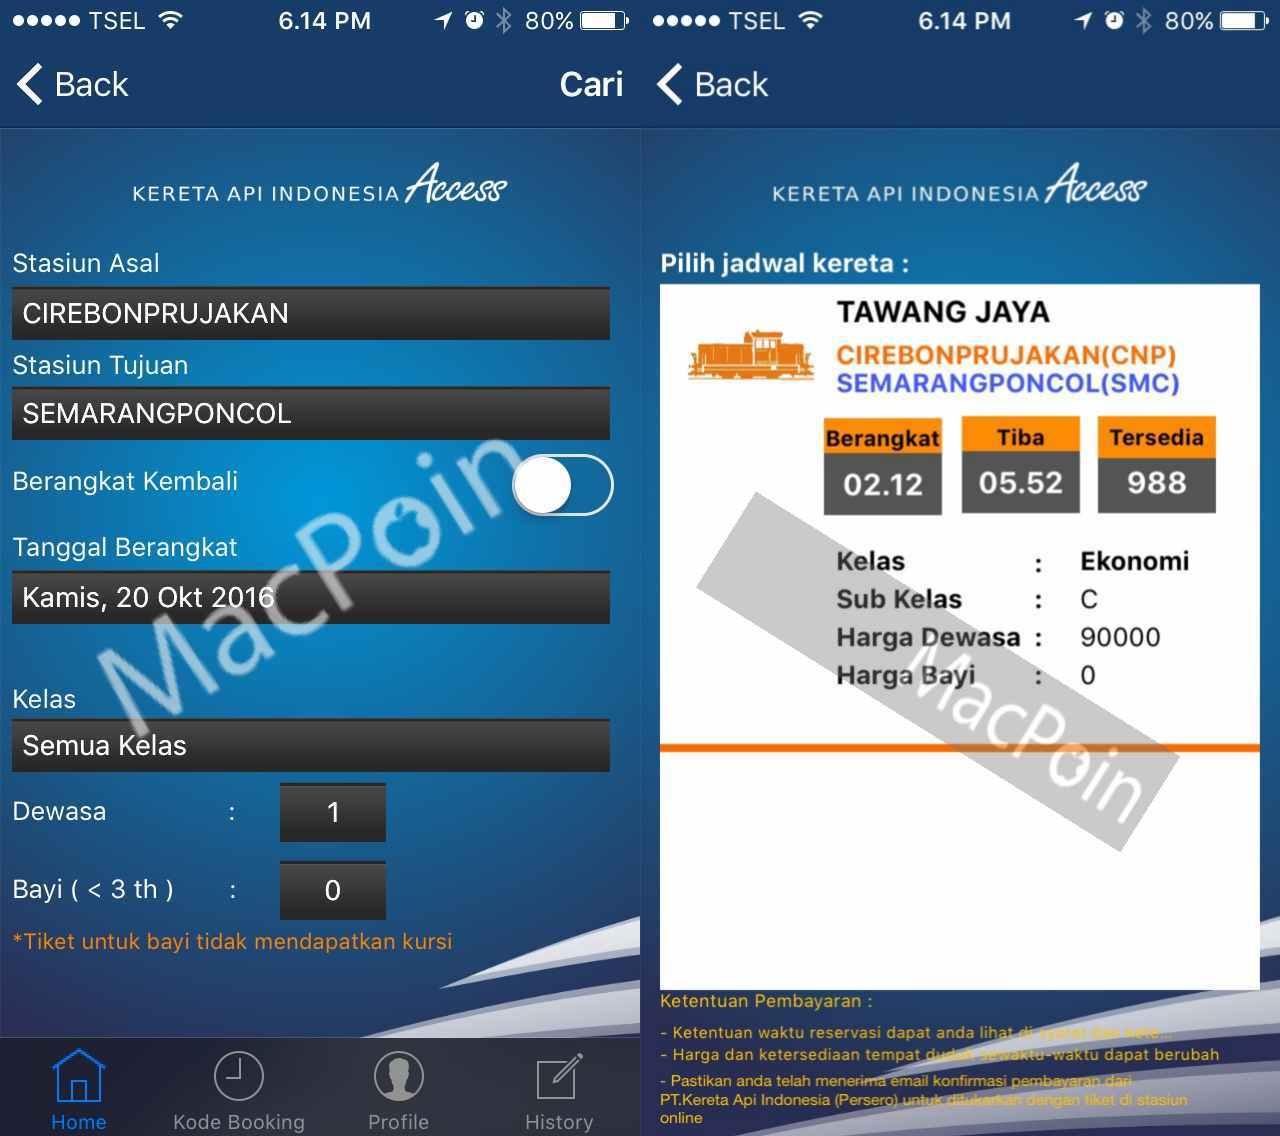 Cara Pesan Tiket Kereta Online yang Mudah dan Murah